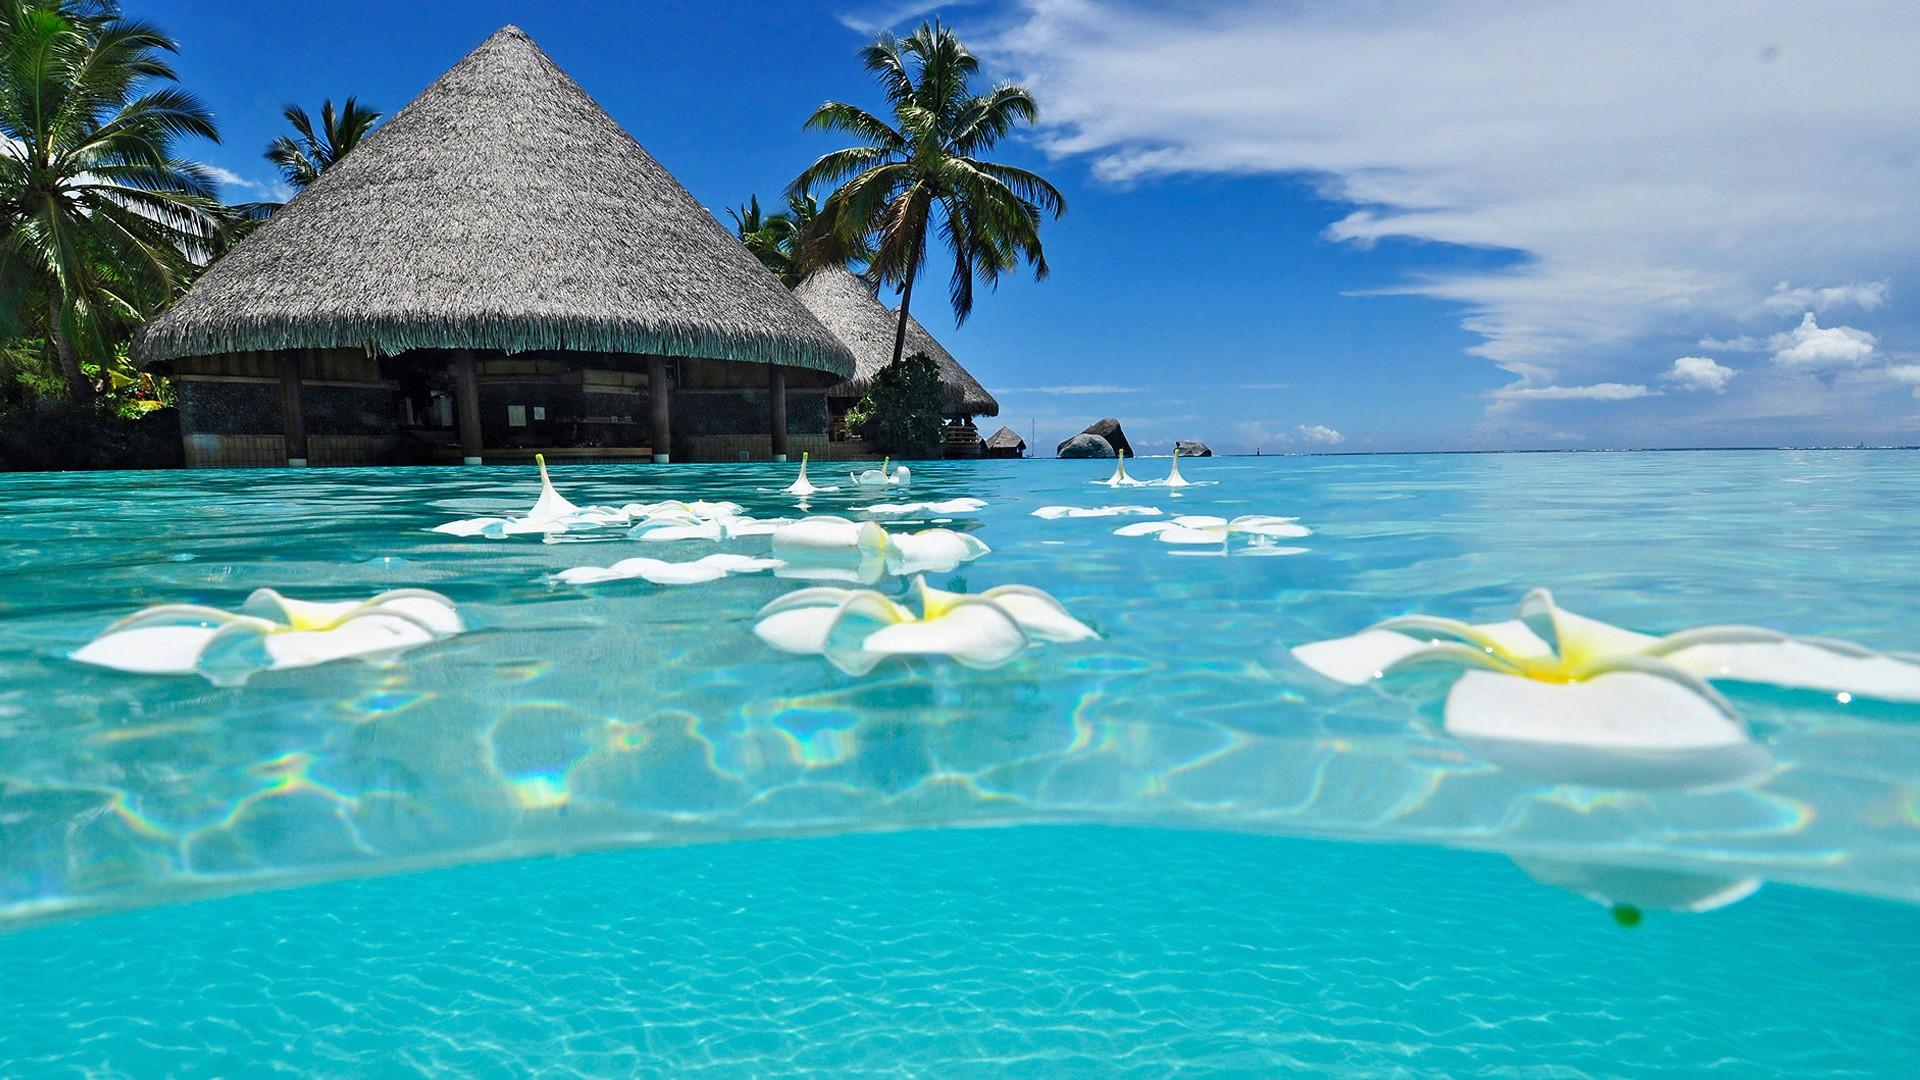 Paradise Beach Summer Wallpaper Desktop Wallpapers High Definition 1920x1080